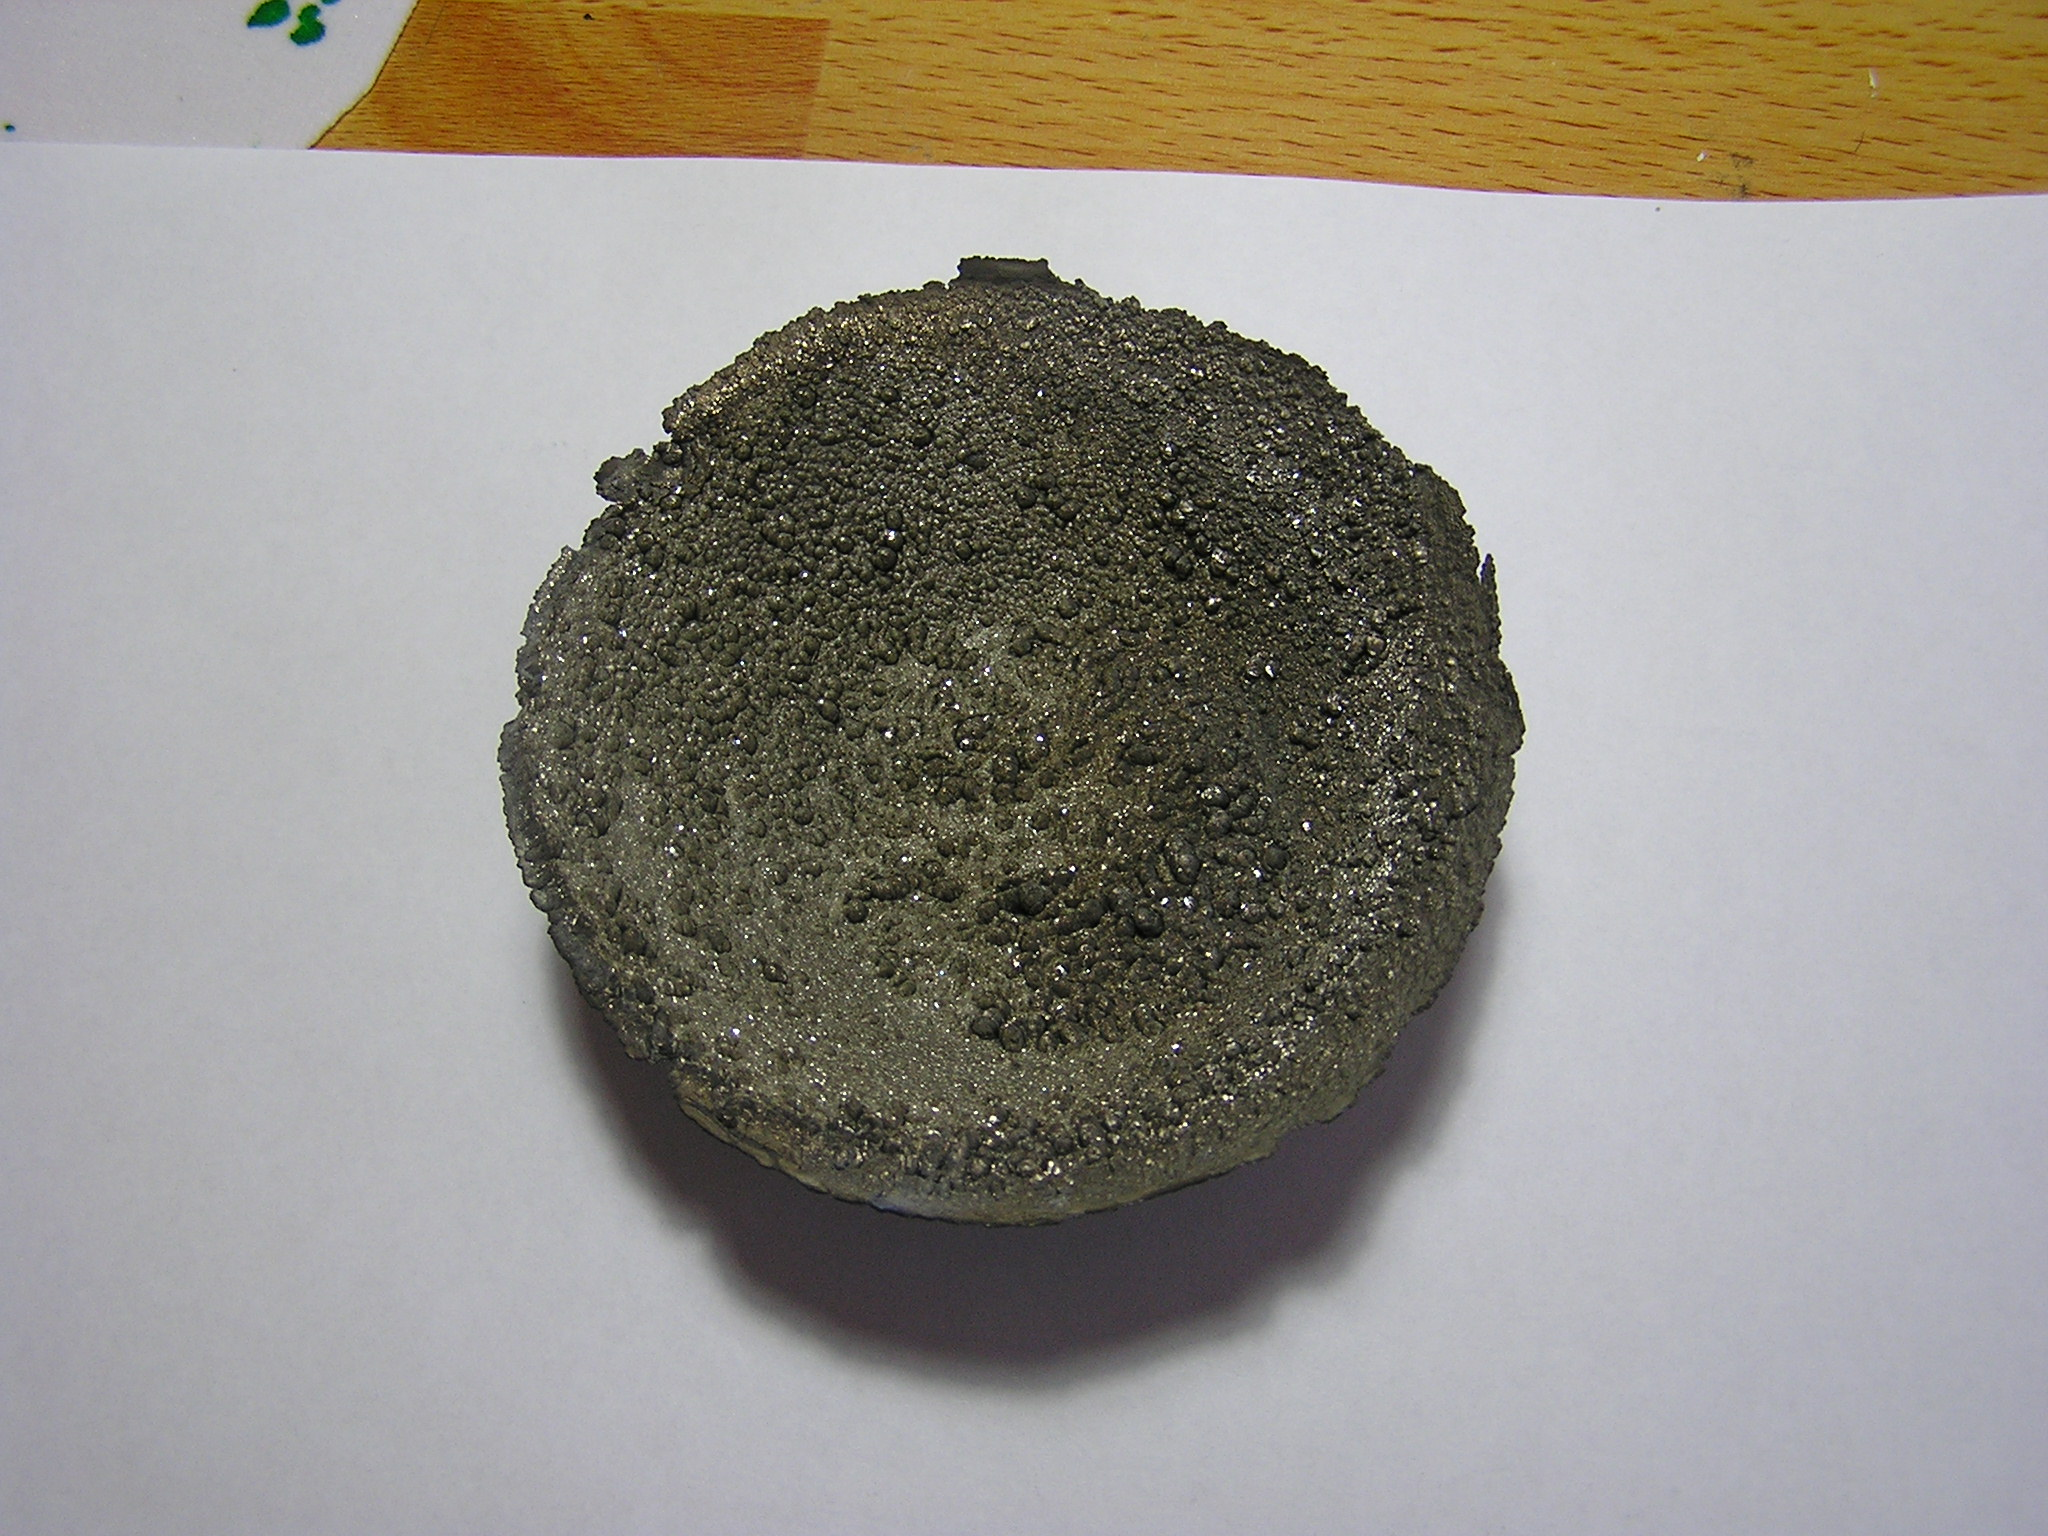 Кристаллы скандия, наросшие внутри чашки во время перегонки и принявшие ее форму (остаток от перегонки)